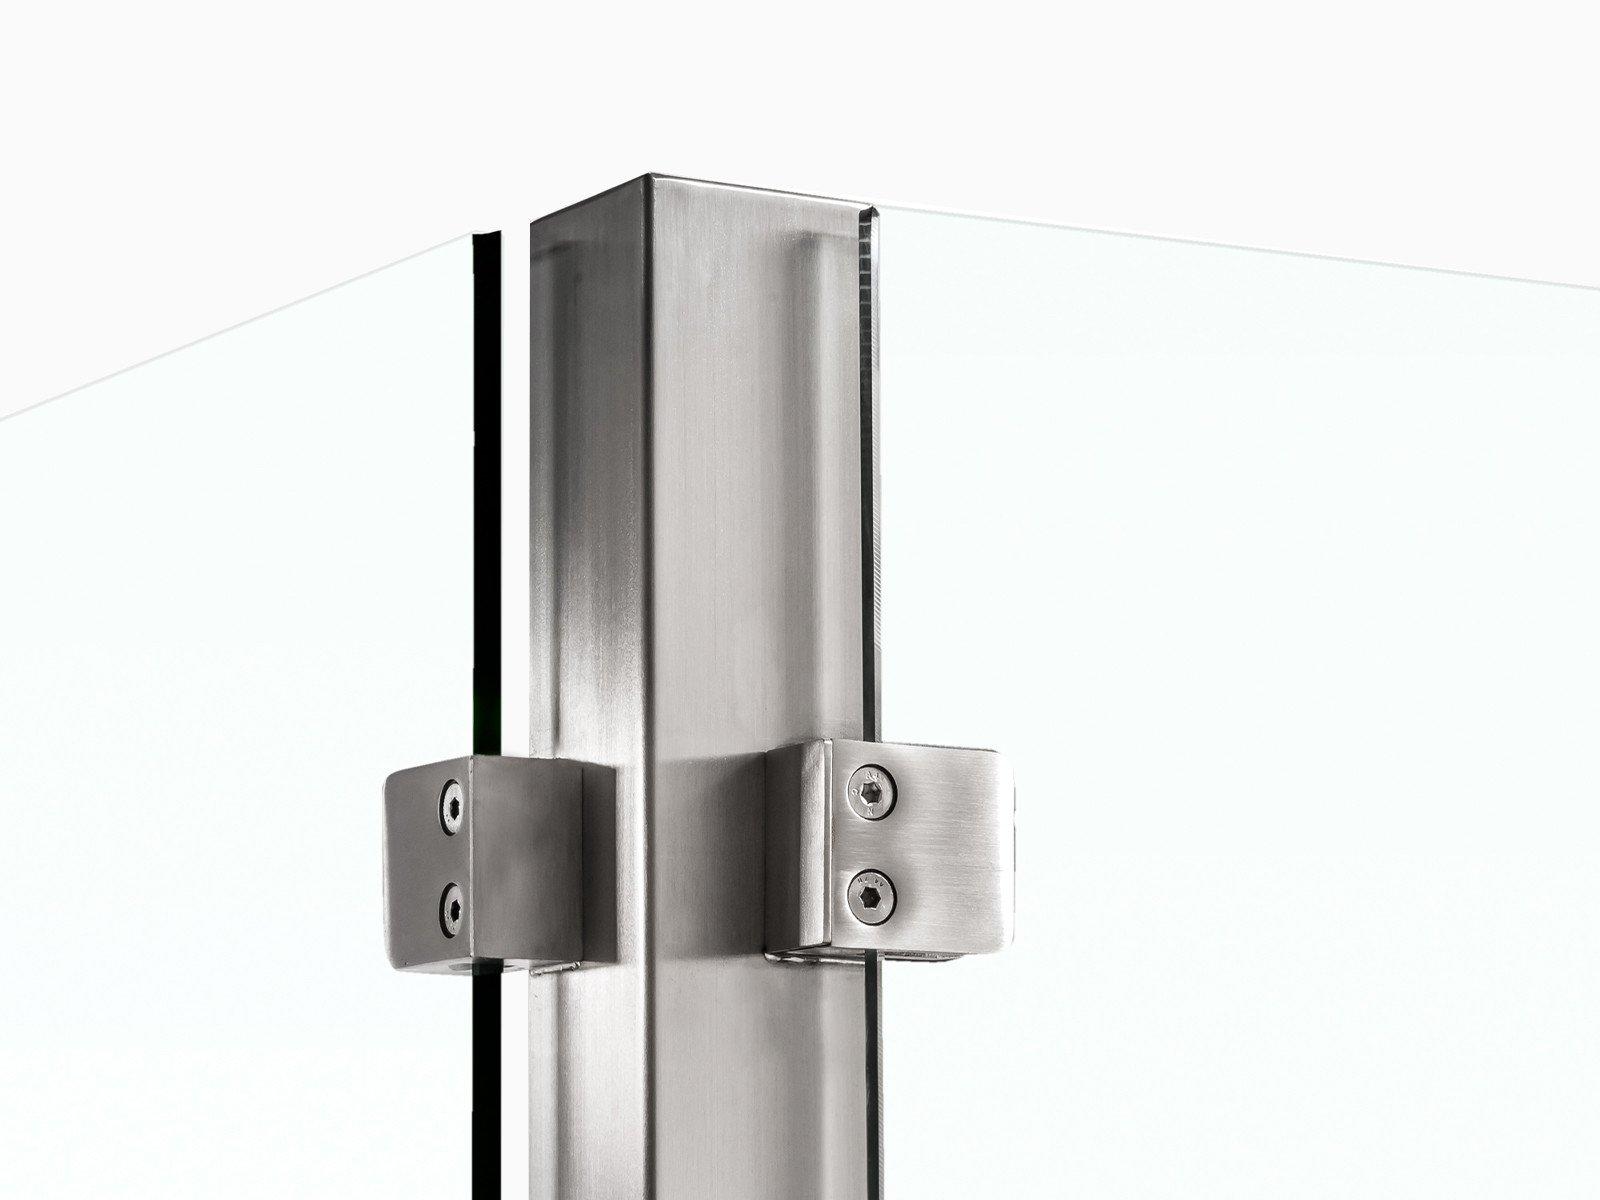 Pfostensystem-devitro-mit-rueckseitig-befestigten-glasklemmen-im-eckigen-design